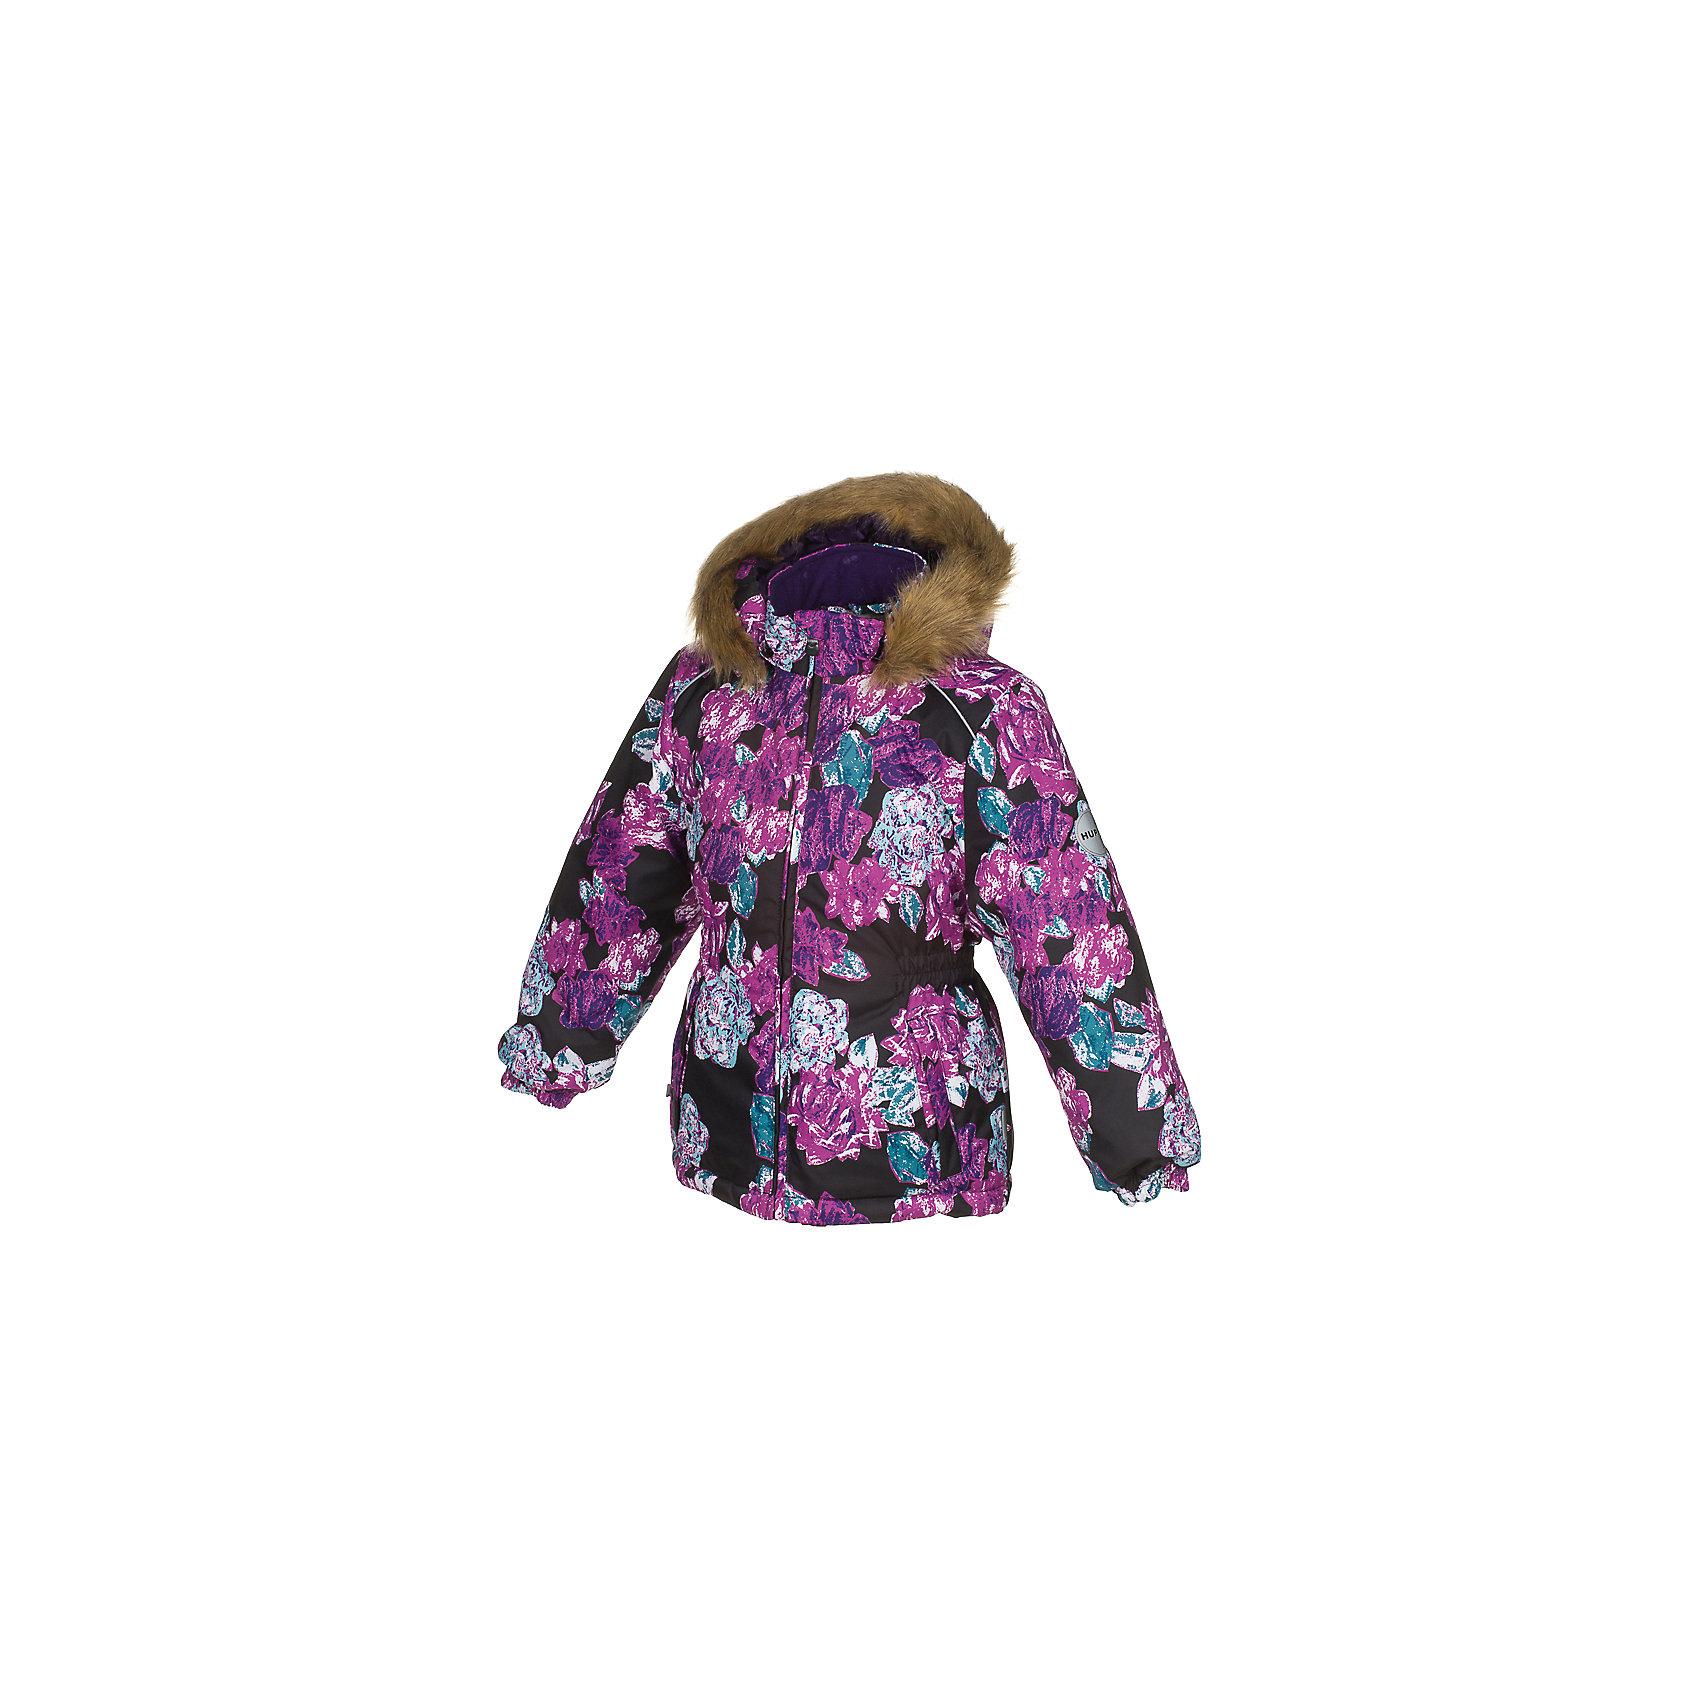 Куртка MARII Huppa для девочкиВерхняя одежда<br>Куртка для девочек MARII.Водо и воздухонепроницаемость 10 000. Утеплитель 300 гр. Подкладка тафта, флис 100% полиэстер. Отстегивающийся капюшон с мехом. Манжеты рукавов на резинке. Имеются светоотражательные детали.<br>Состав:<br>100% Полиэстер<br><br>Ширина мм: 356<br>Глубина мм: 10<br>Высота мм: 245<br>Вес г: 519<br>Цвет: черный<br>Возраст от месяцев: 108<br>Возраст до месяцев: 120<br>Пол: Женский<br>Возраст: Детский<br>Размер: 140,110,116,122,128,134<br>SKU: 7027306